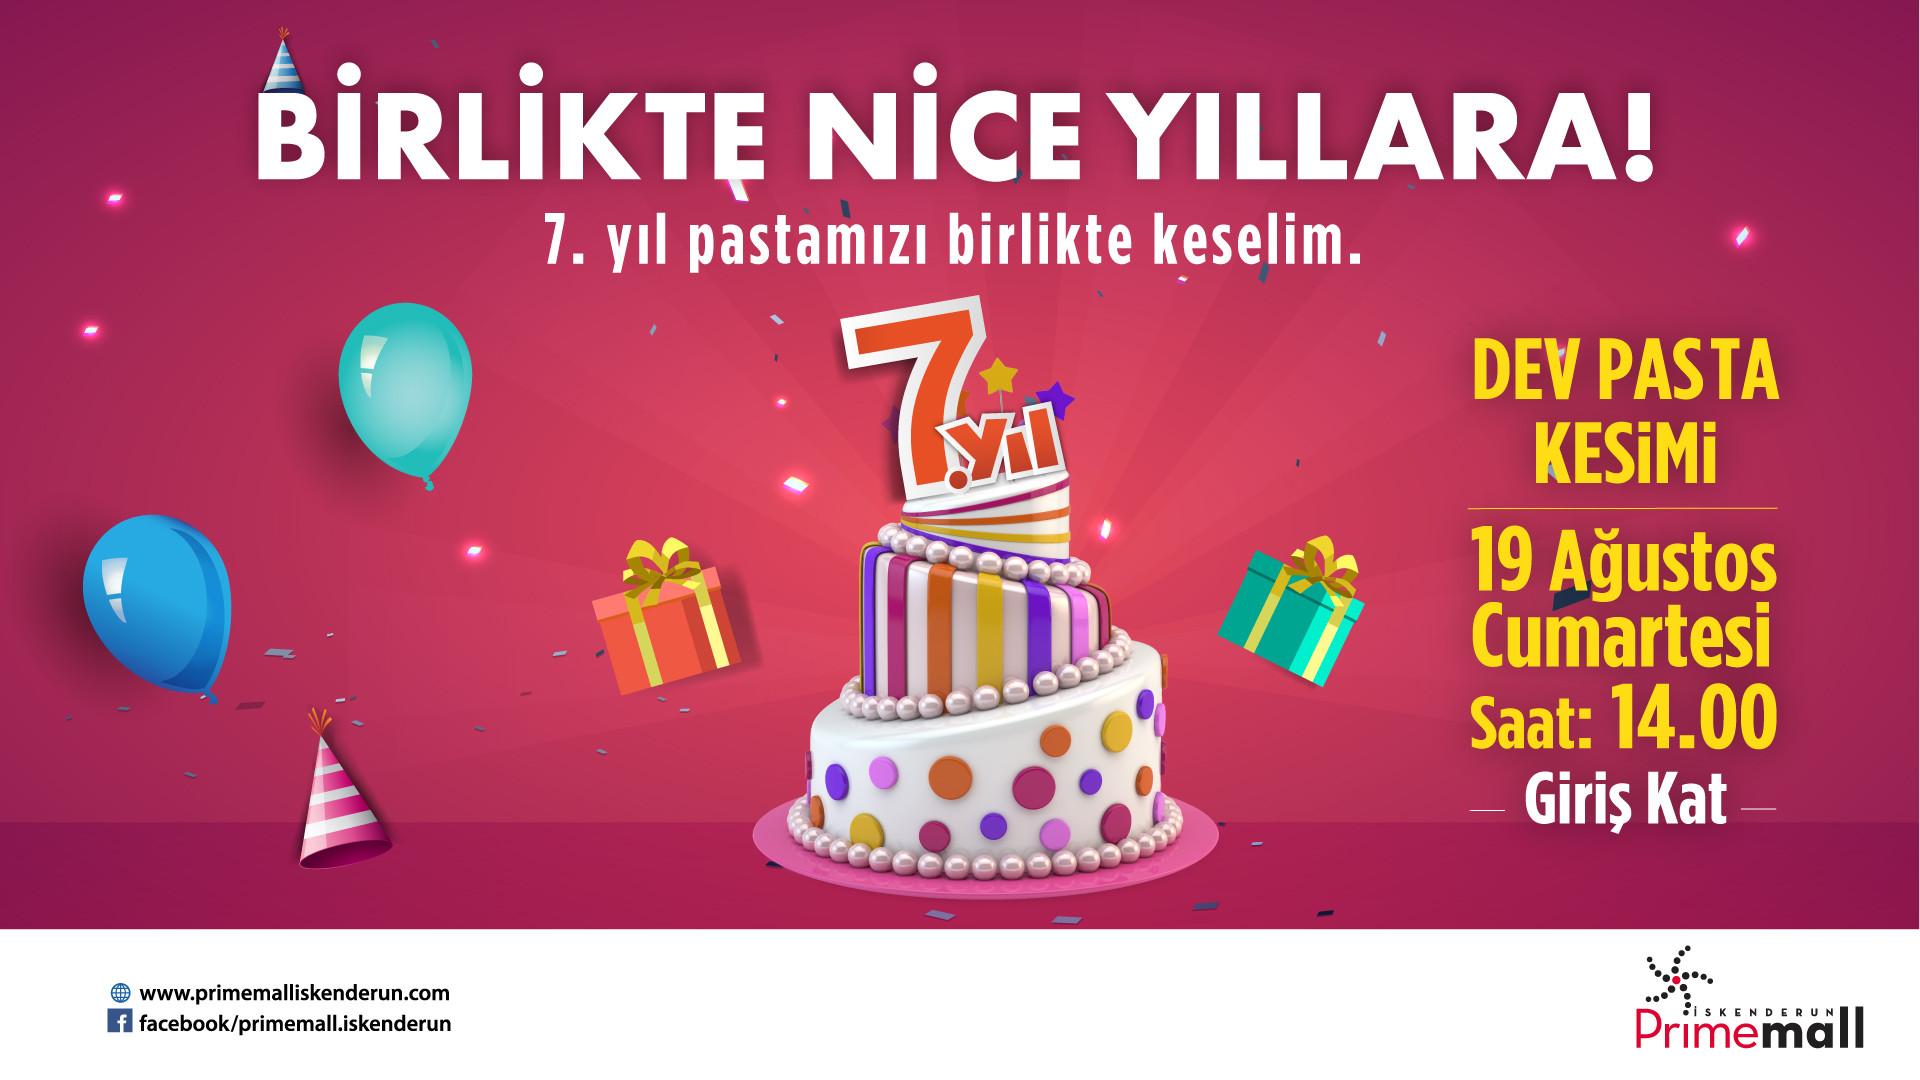 Birlikte Nice Yıllara!